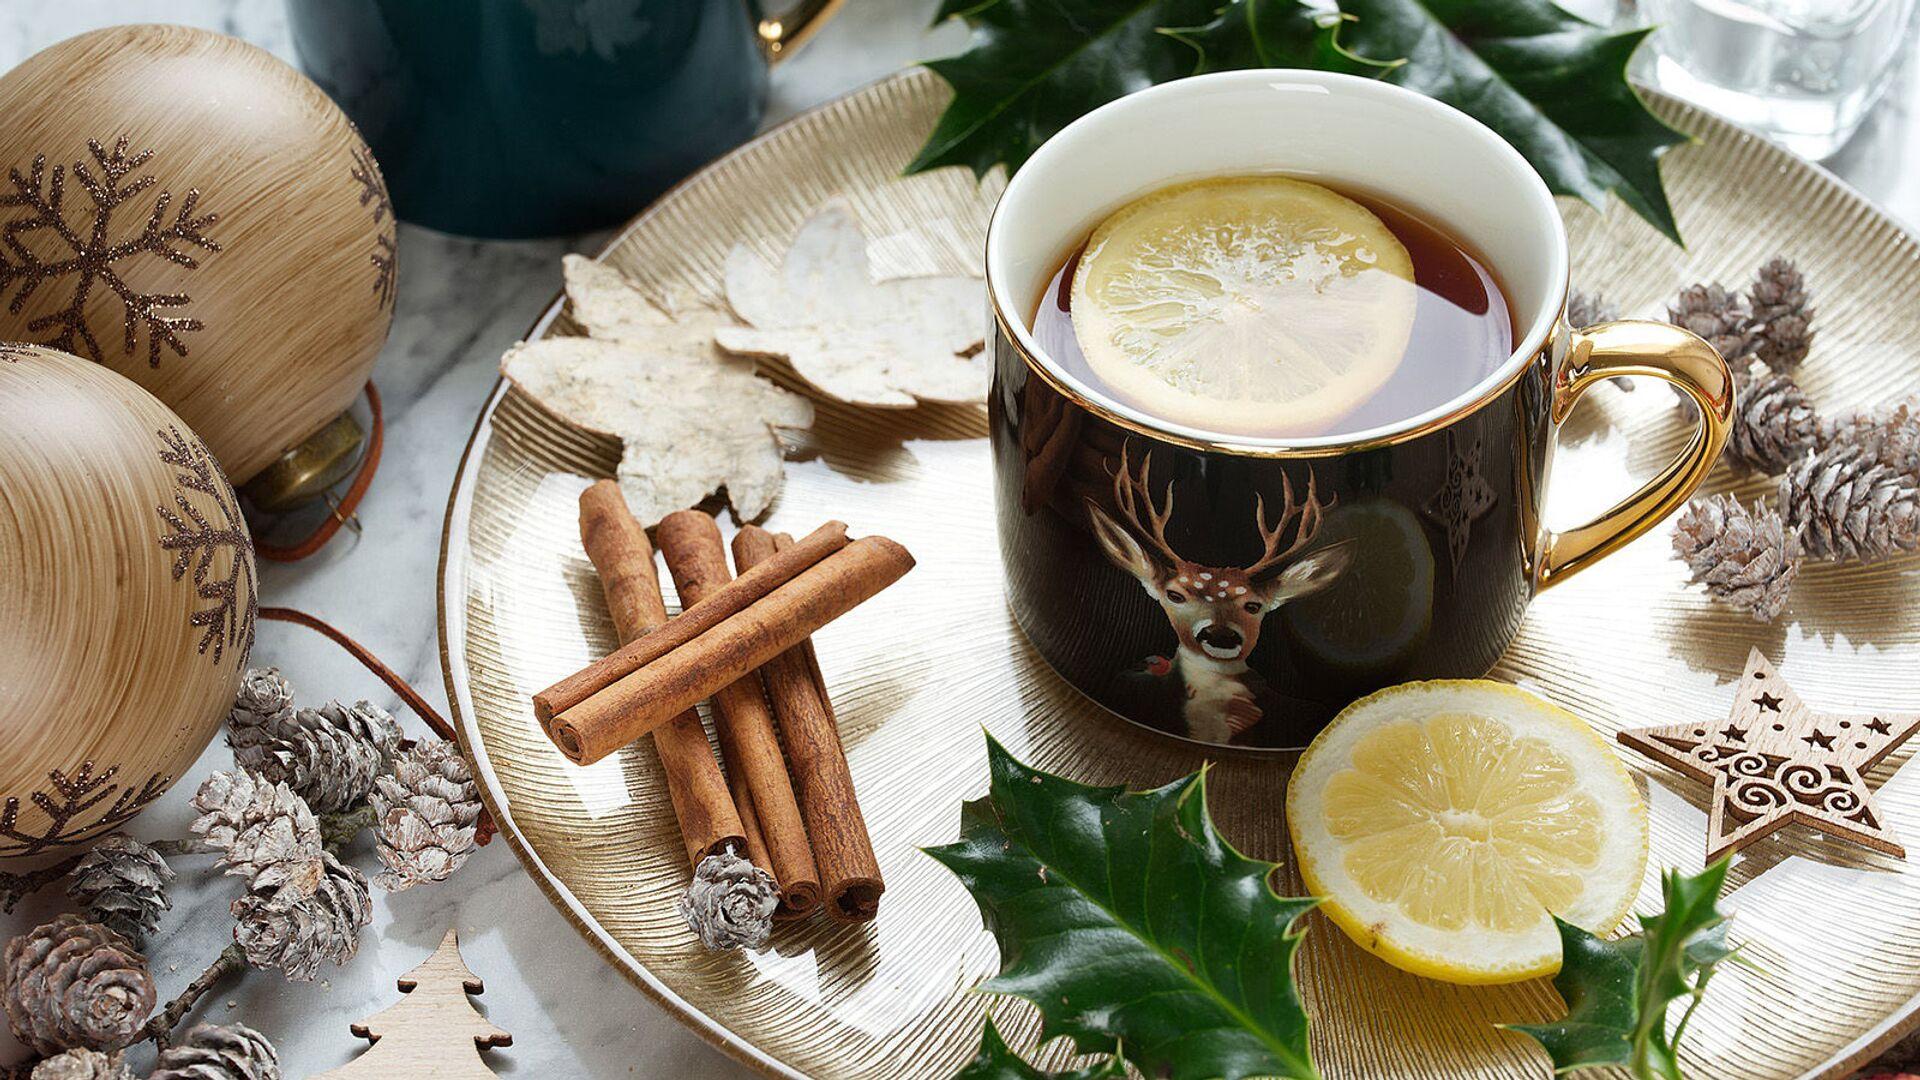 Чай с лимоном - Sputnik Армения, 1920, 19.09.2021